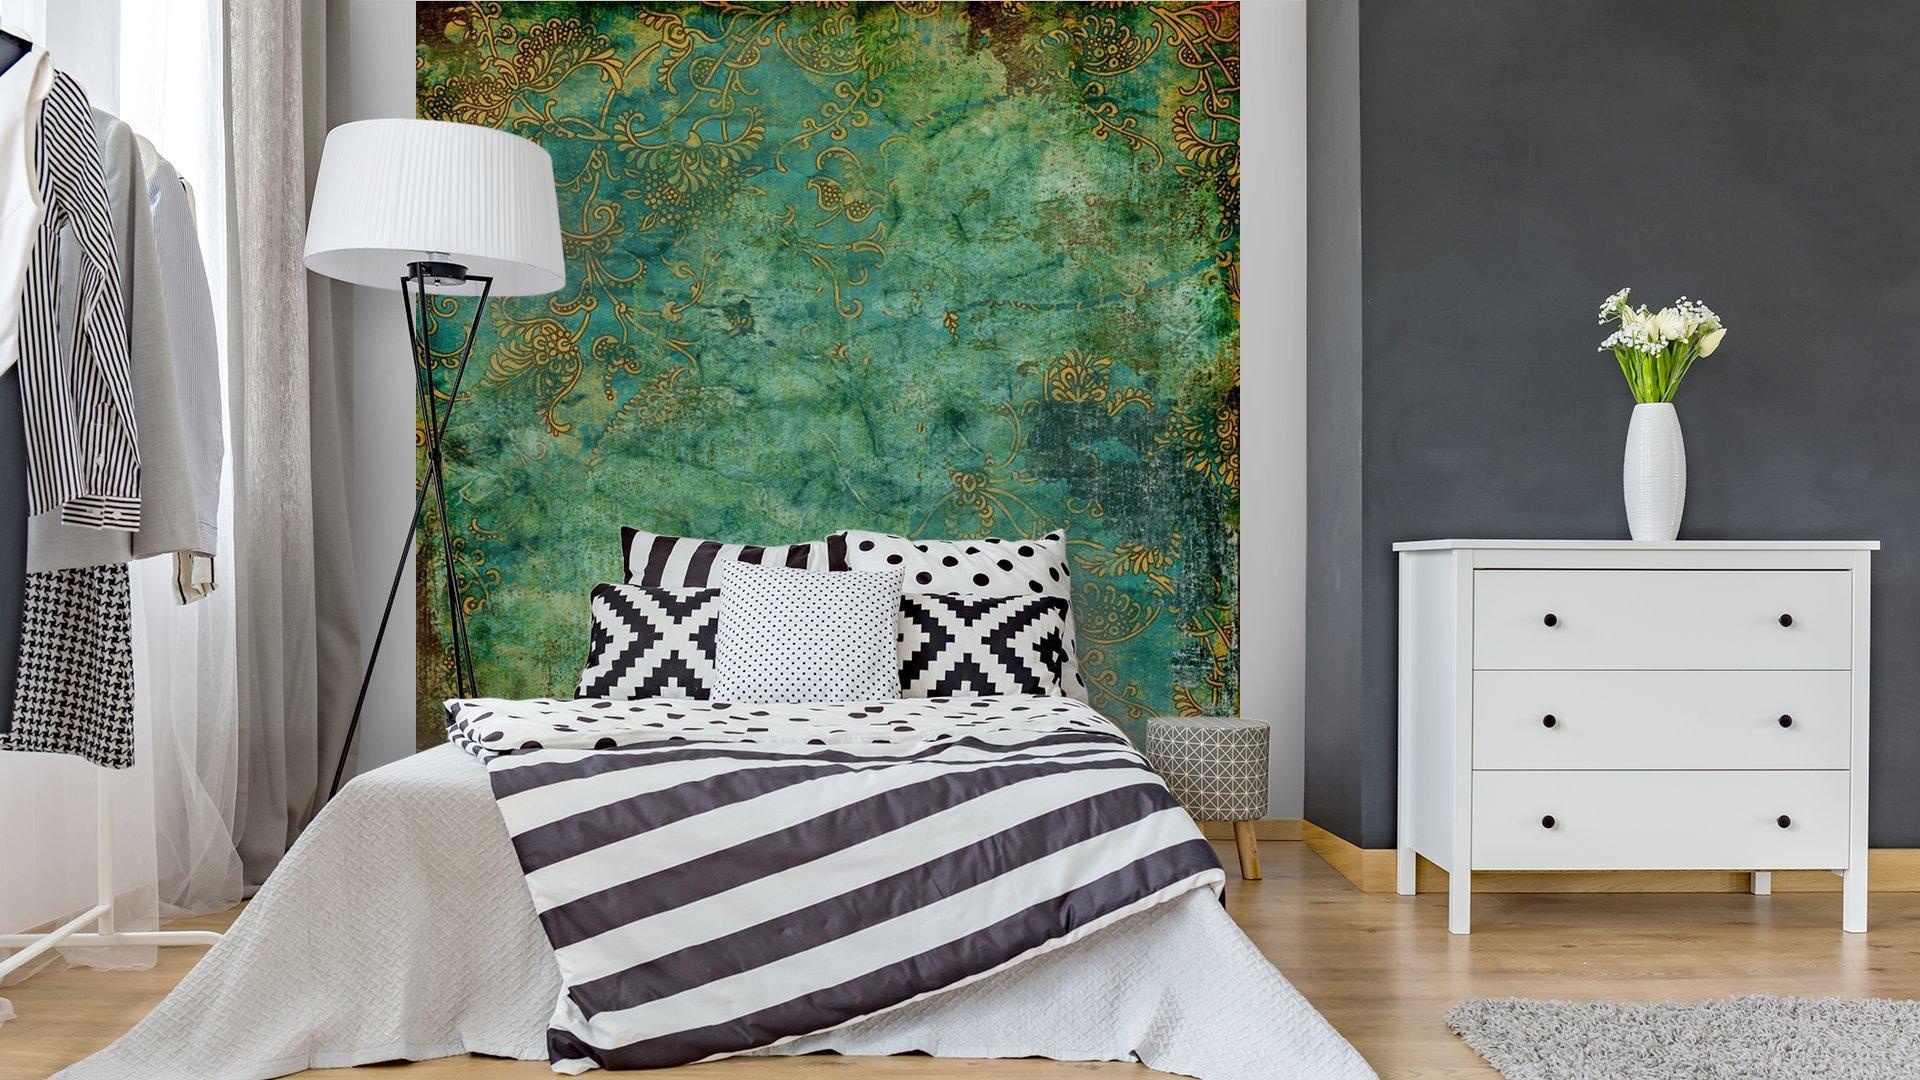 VERDE TEXTURA VENDIMIA OXIDADA2 - Fotomural Tapiz Verde con Textura Oxidada